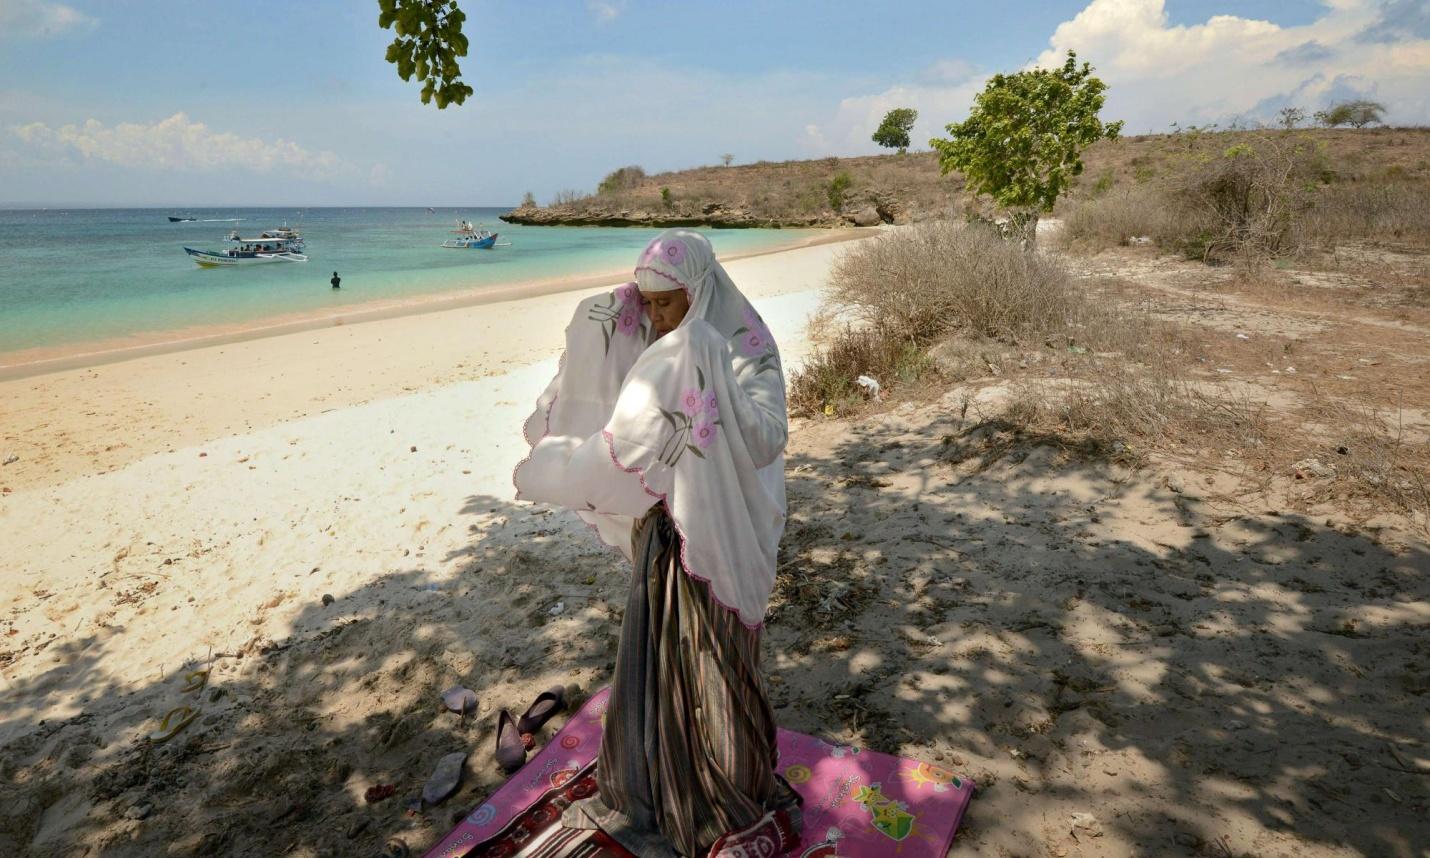 Гостья острова Ломбок совершает намаз на пляже